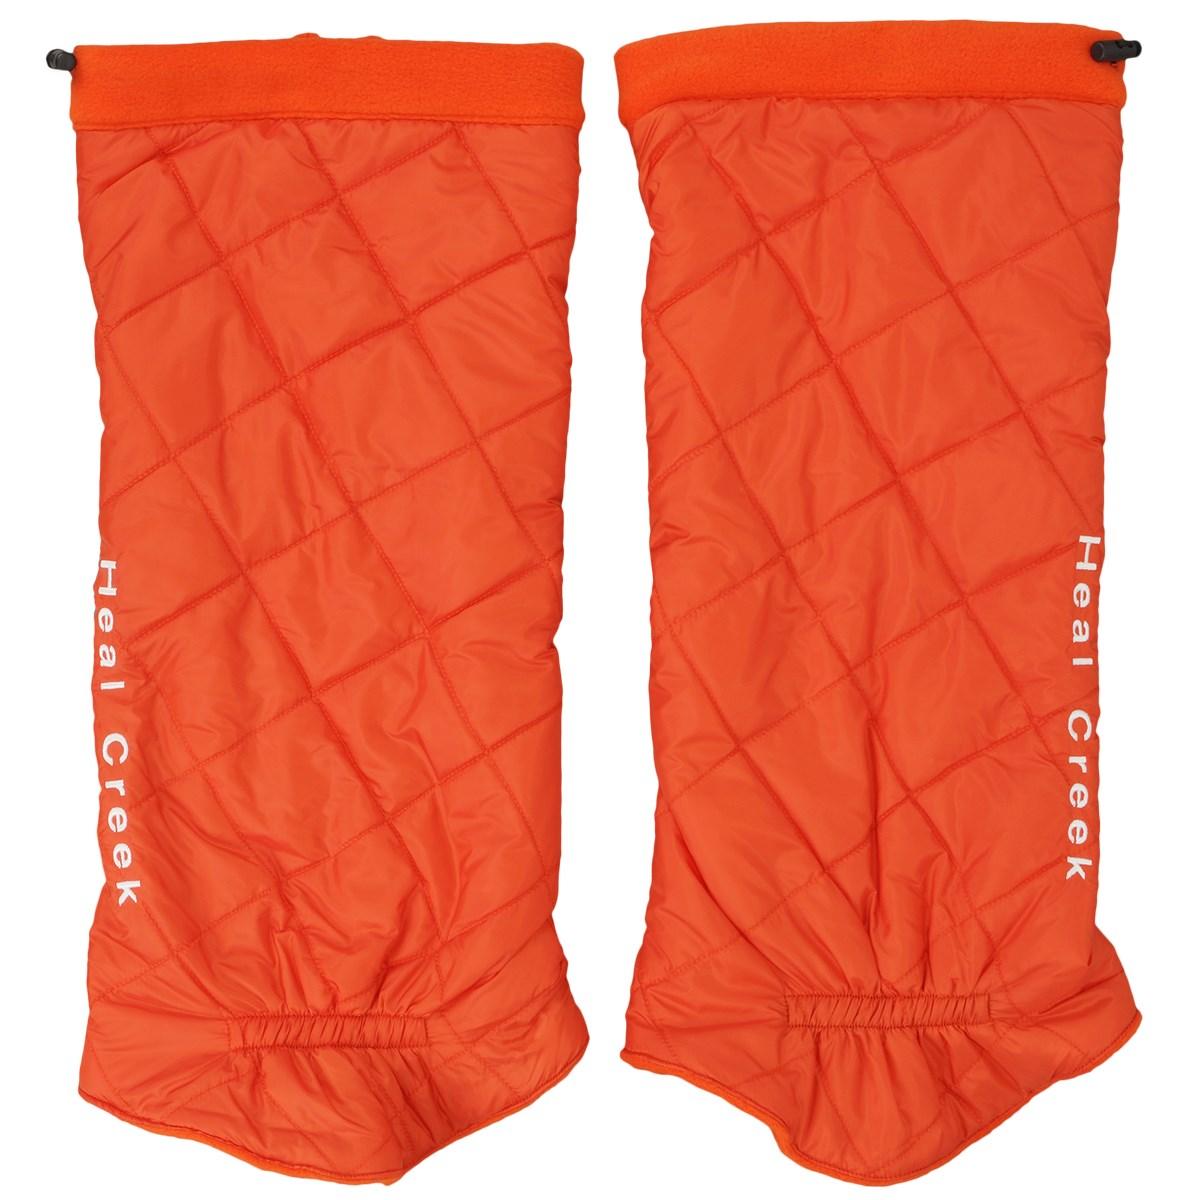 [アウトレット] [70%OFF 在庫限りのお買い得商品] ヒールクリーク Heal Creek レッグウォーマー オレンジ 035 レディース ゴルフウェア